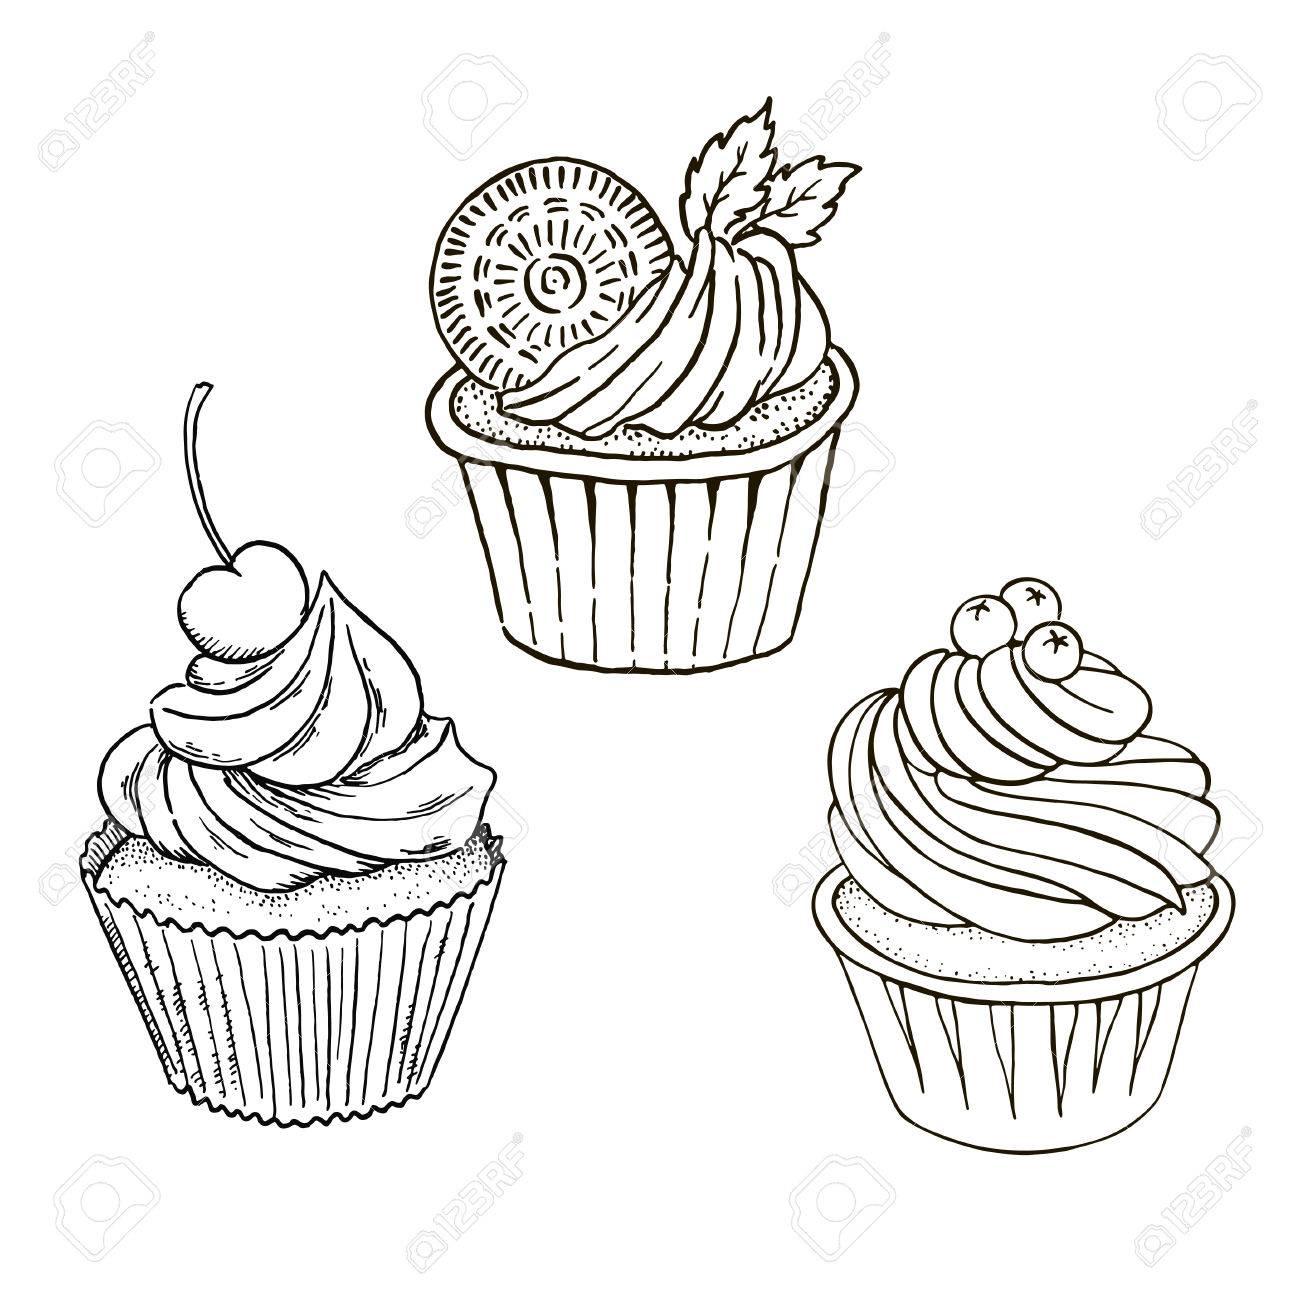 Dessiné De Main Noir Et Blanc Cupcakes De Contour Bon Pour La Coloration